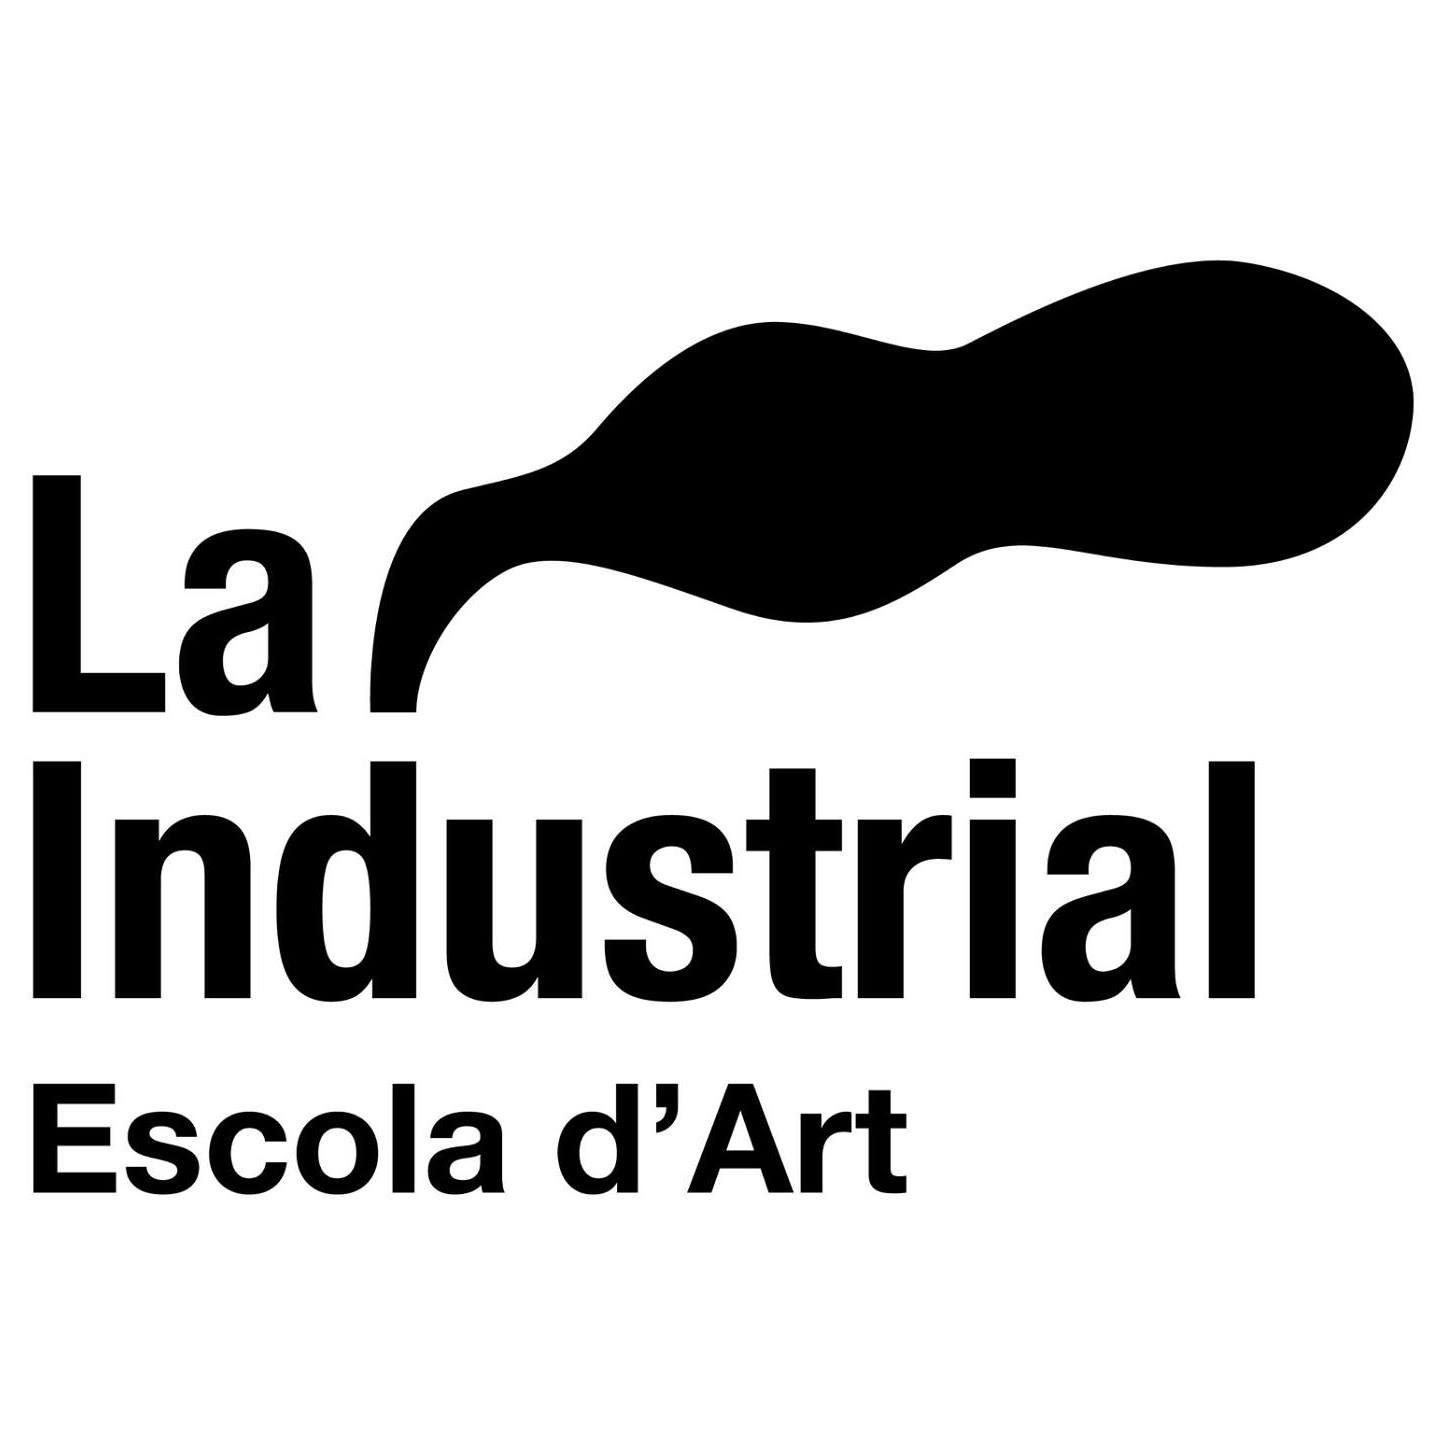 Escola d'Art del Treball,/ Escola d'Art La Industrial  - Barcelone  - https://www.facebook.com/escola.dartdeltreball